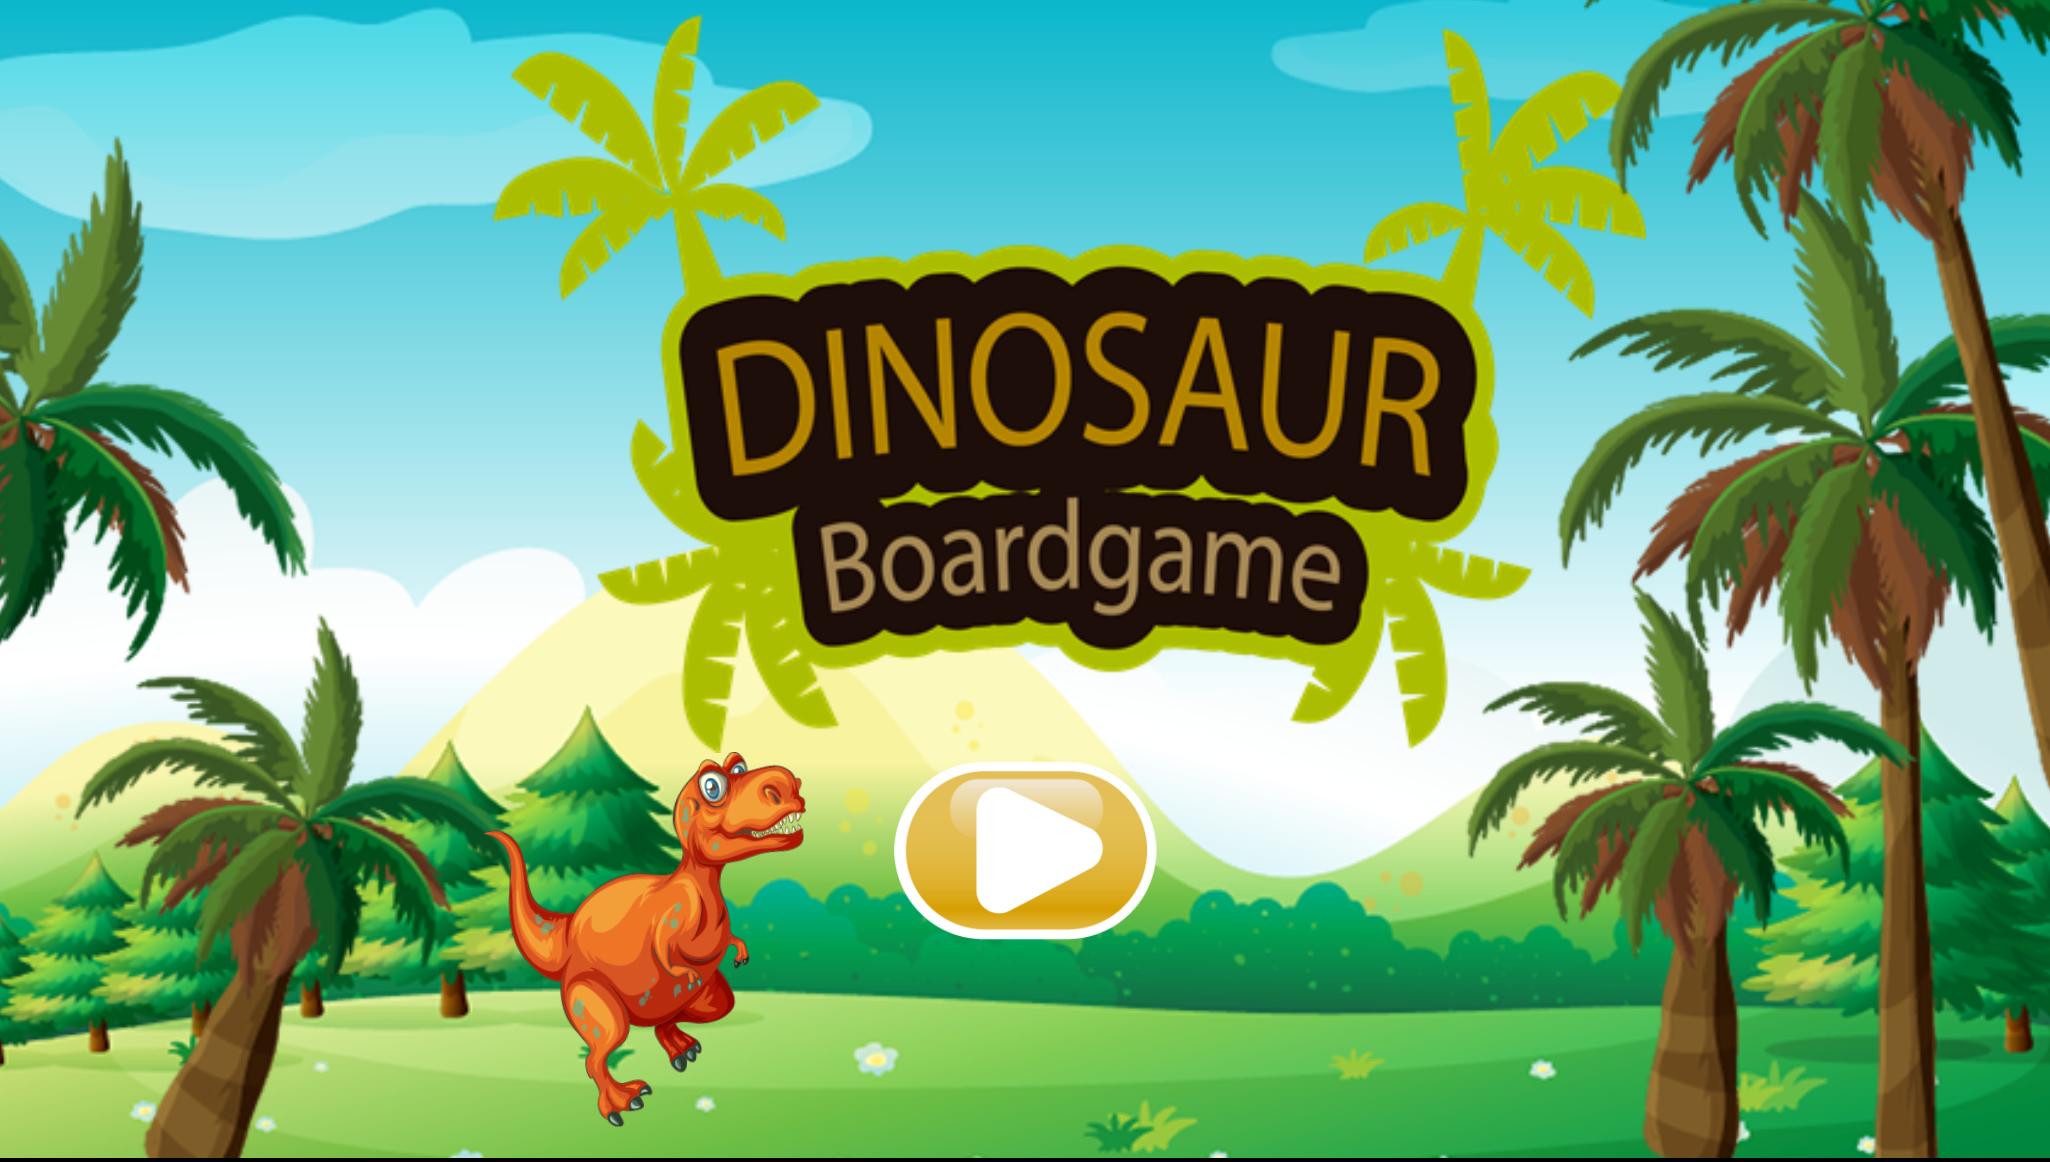 Dinosaur Board Game Start Screenshot.